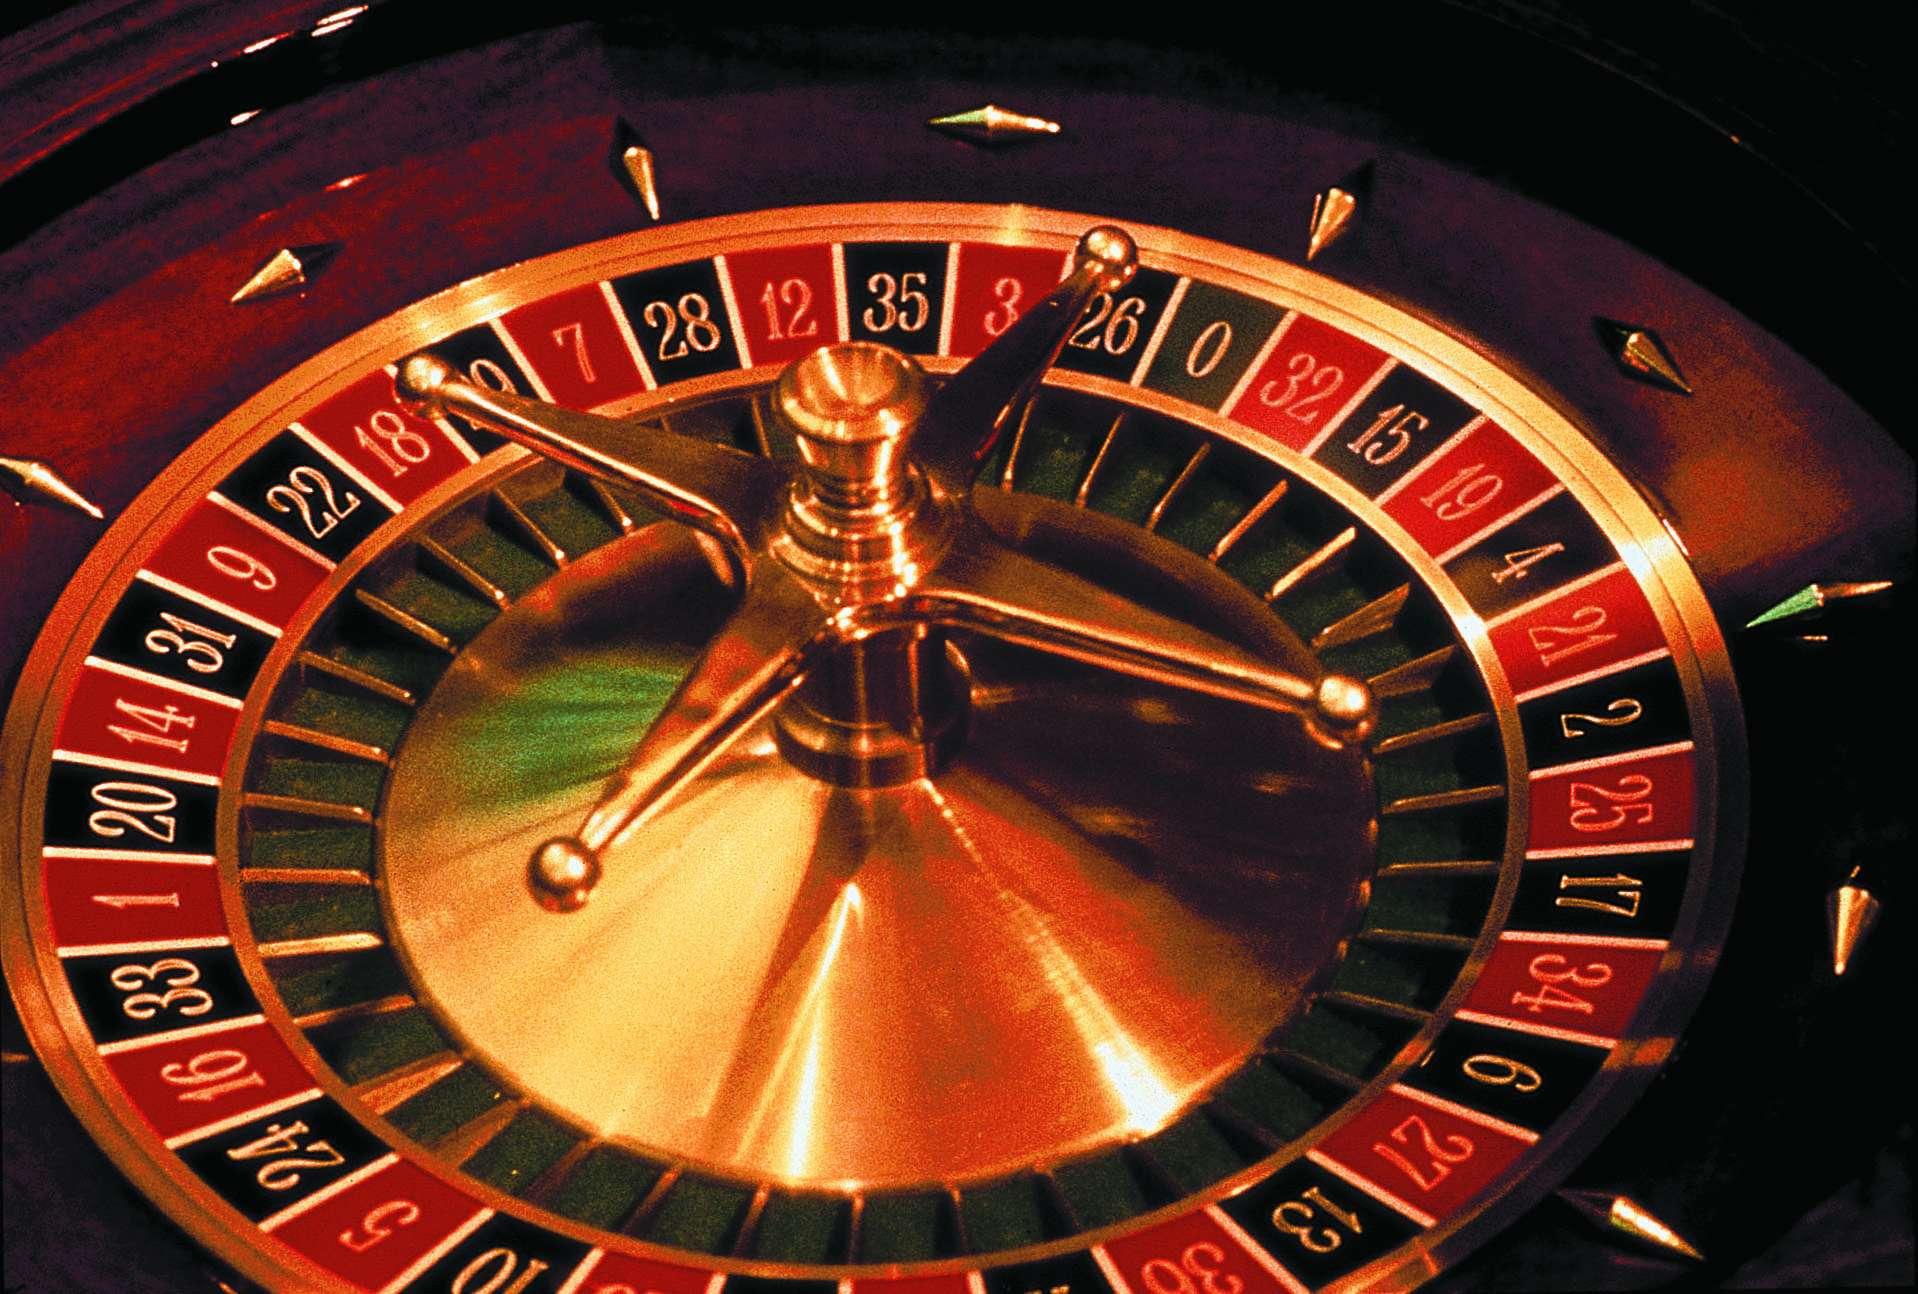 Casino en ligne : Les jeux de casino sur internet, comment faire vos premiers pas sur les plateformes